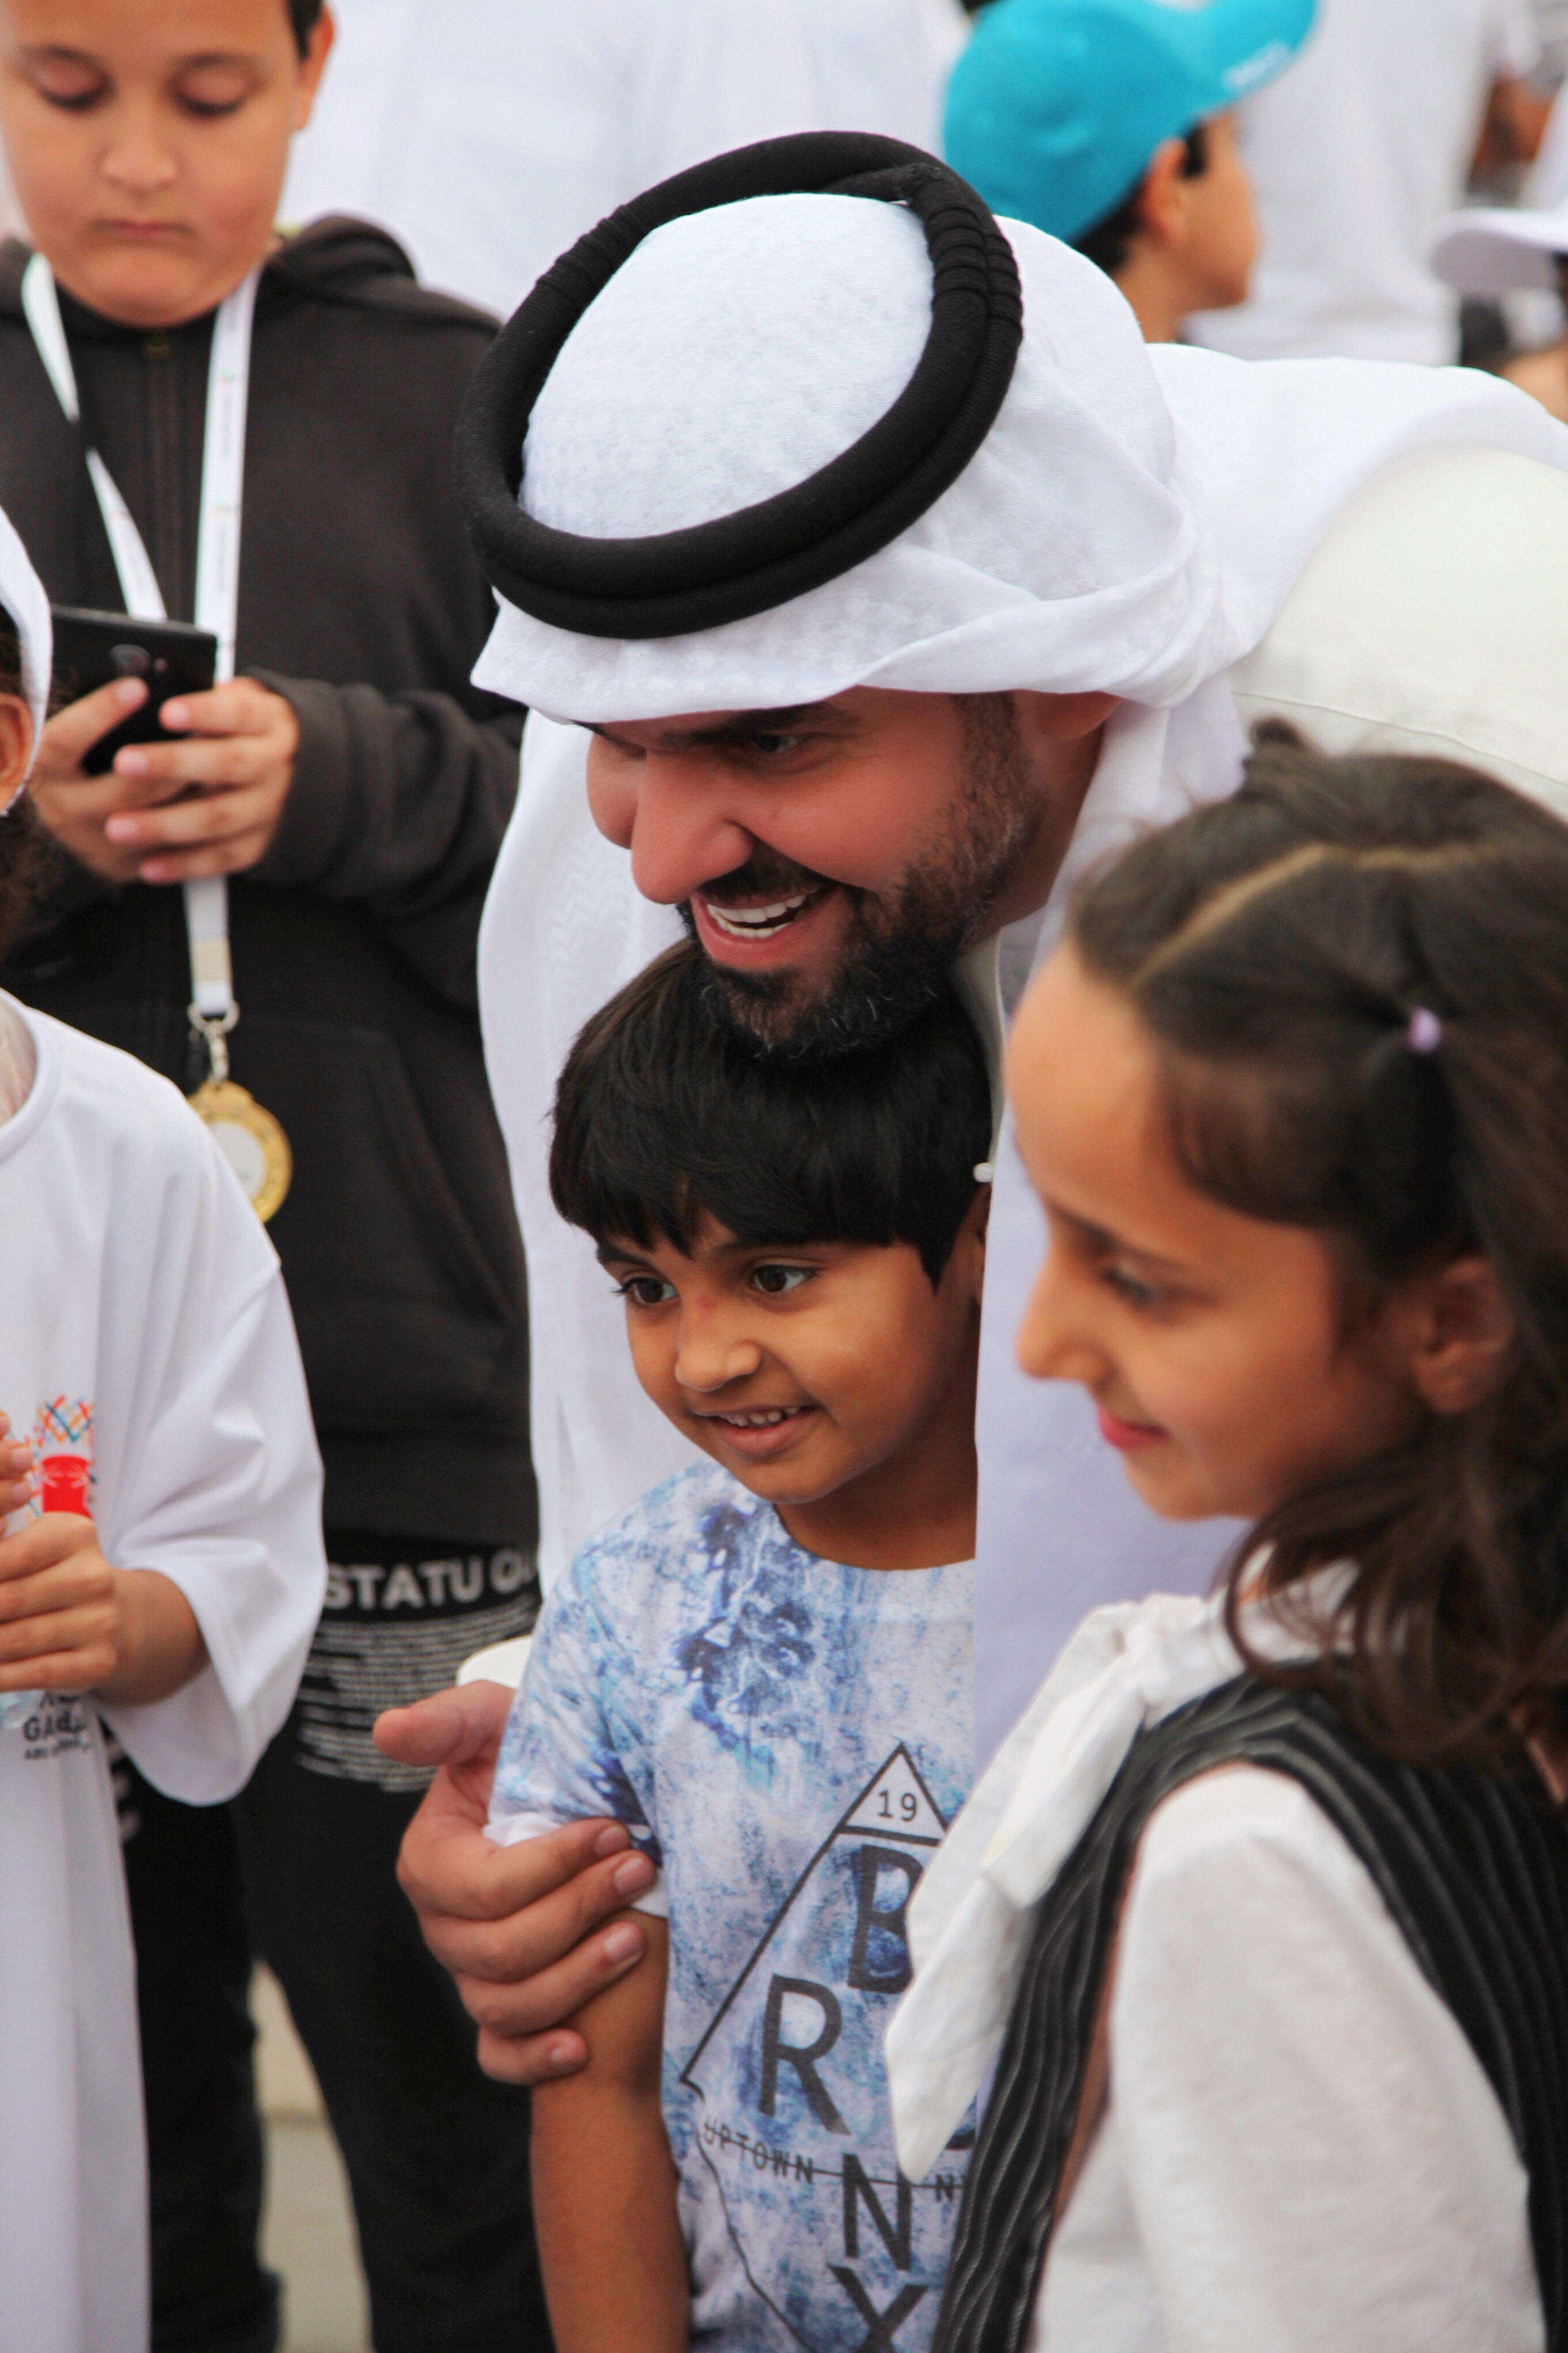 صورة حسين الجسمي يشارك بالمسيرة الانسانية .. نمشي معا .. للاولمبياد الخاص في راس الخيمة